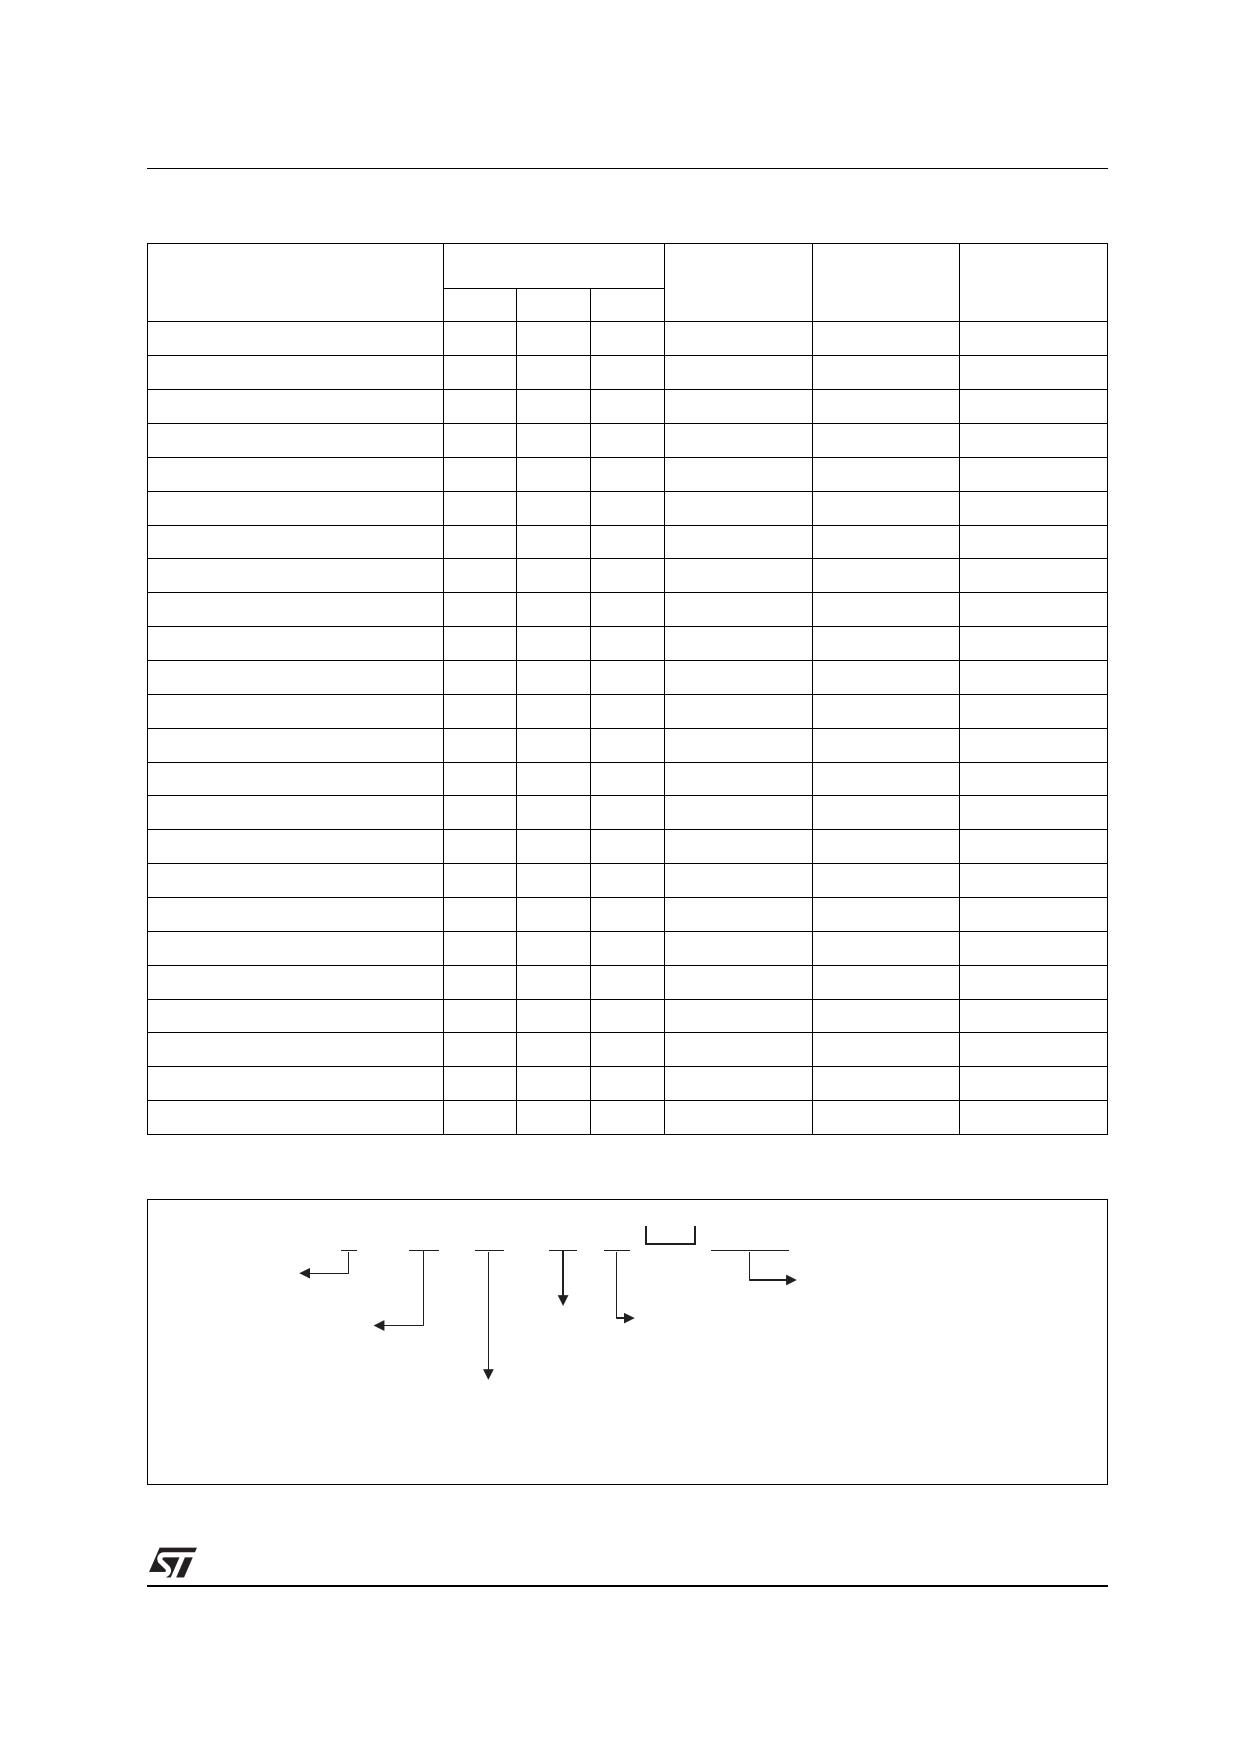 Z0107NN1AA2 pdf, ピン配列